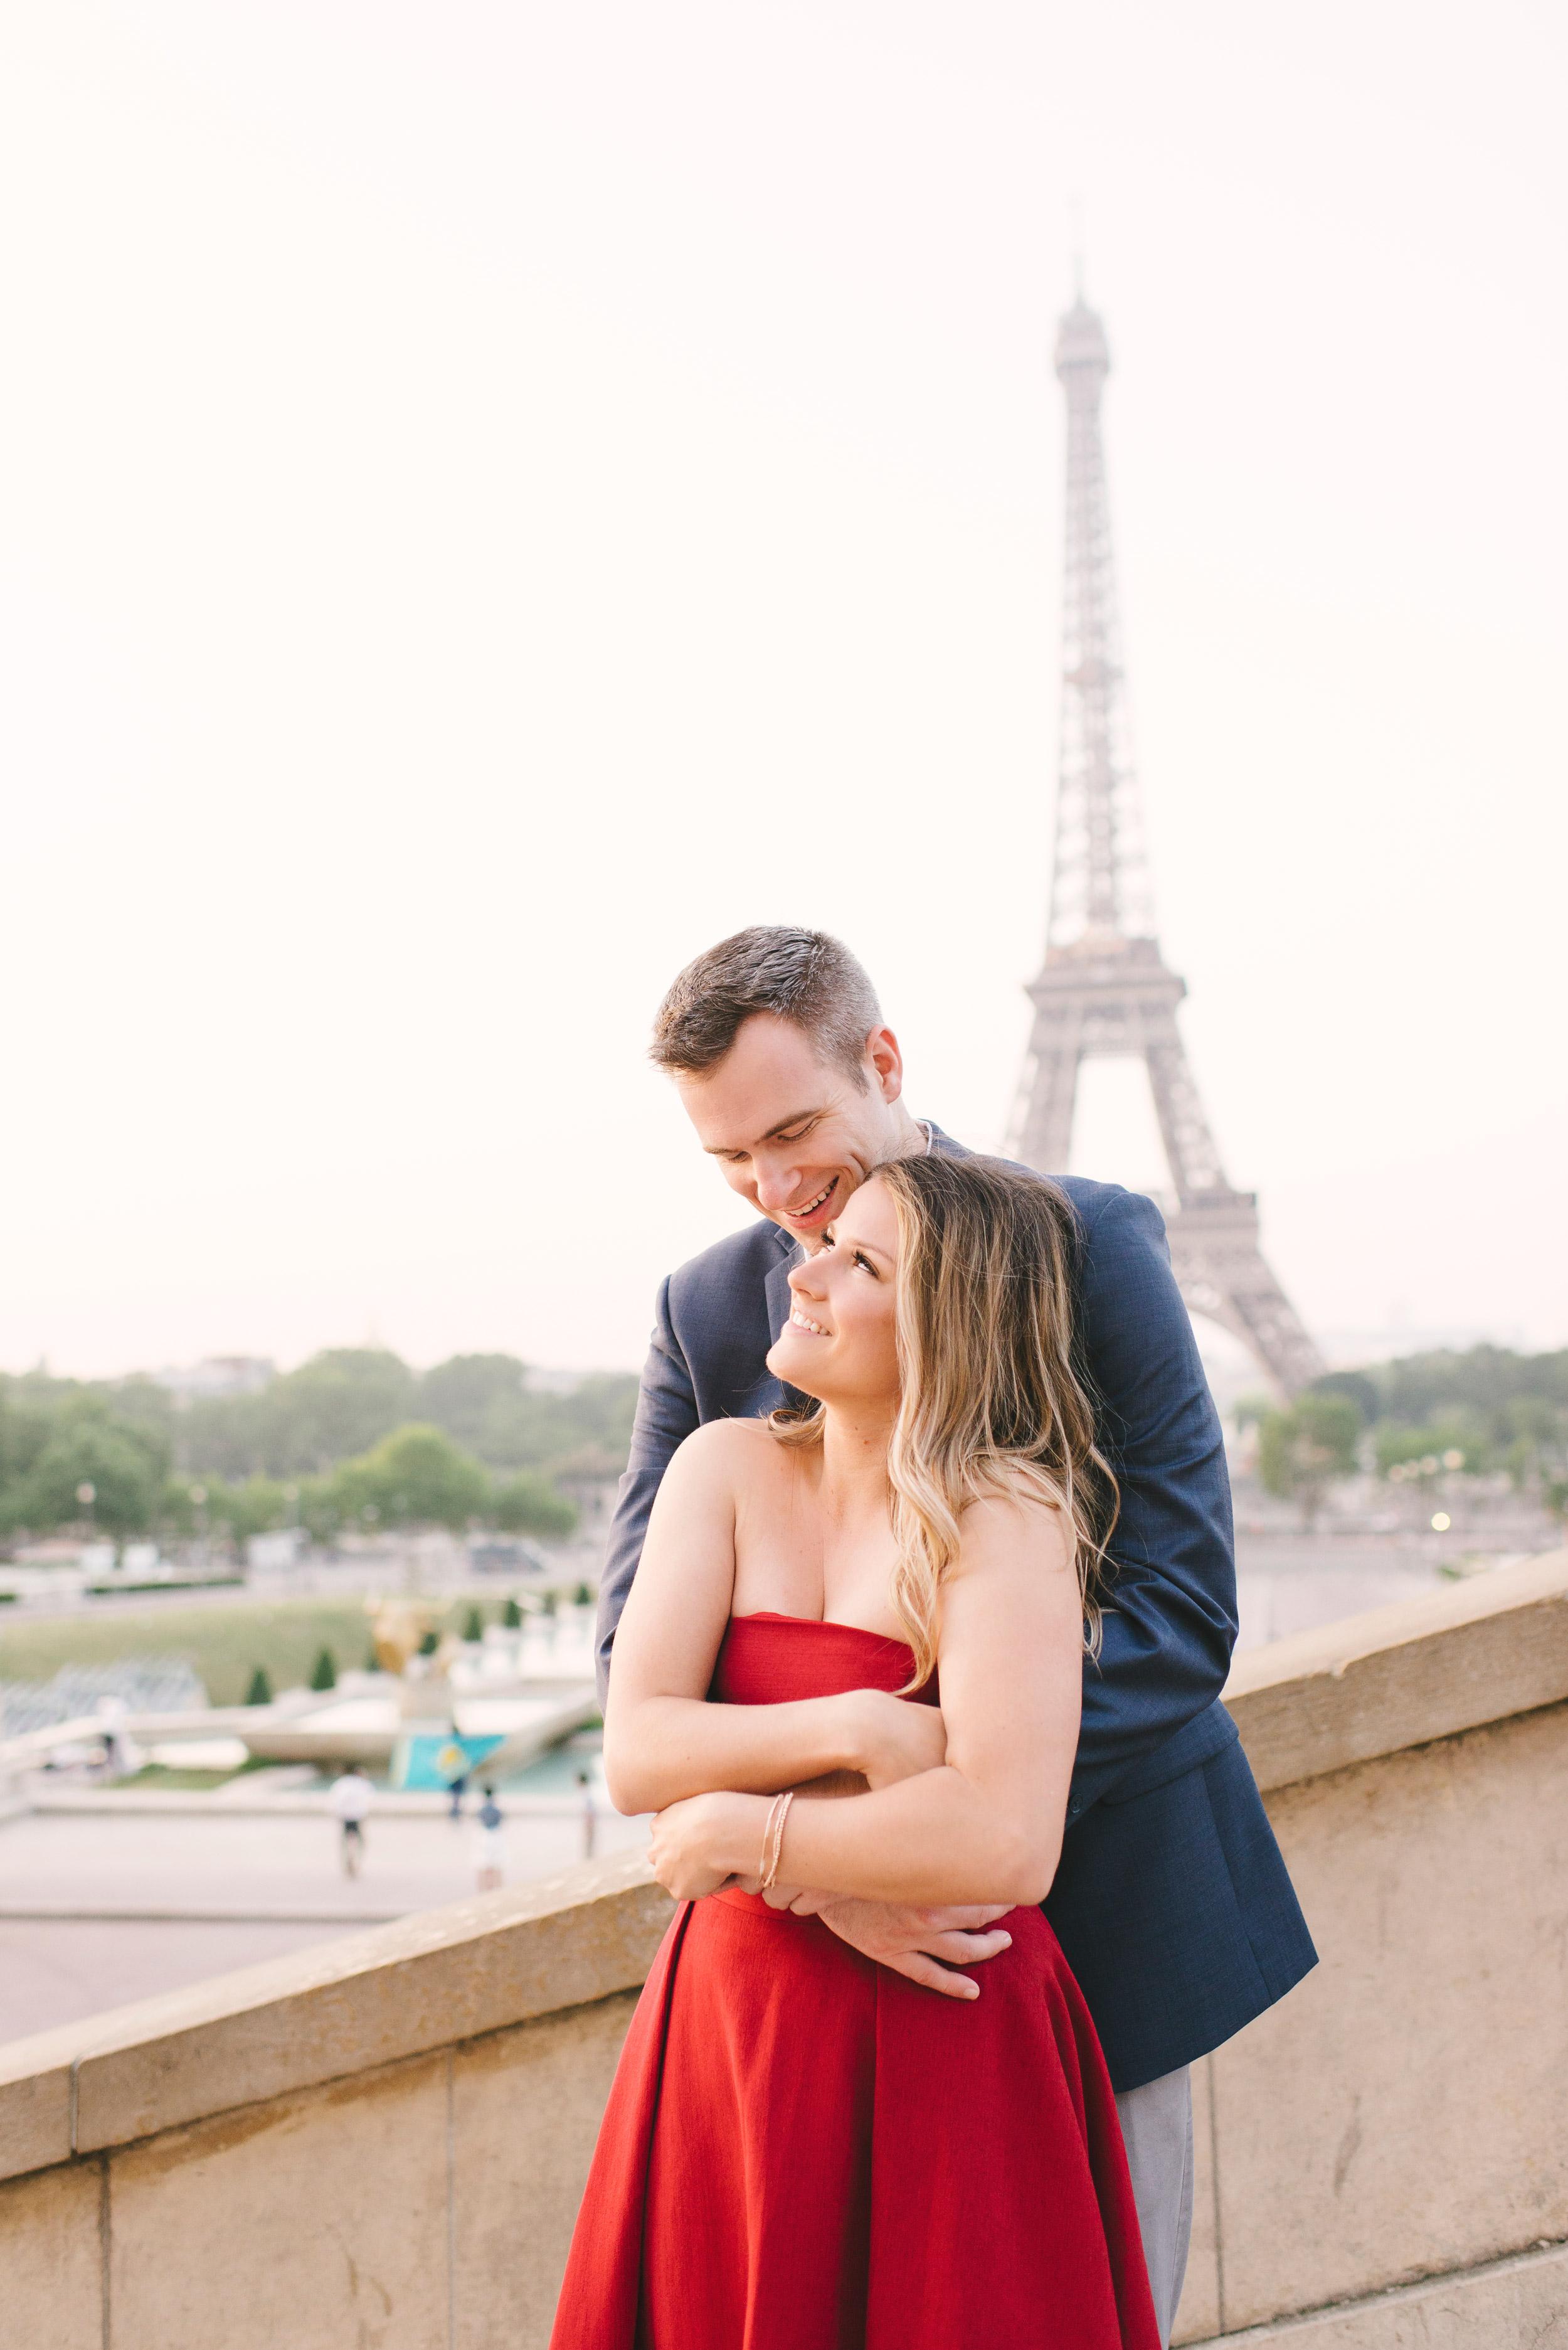 Couple-portrait-session-Paris-EiffelTower-Seine-Cafe029.jpg